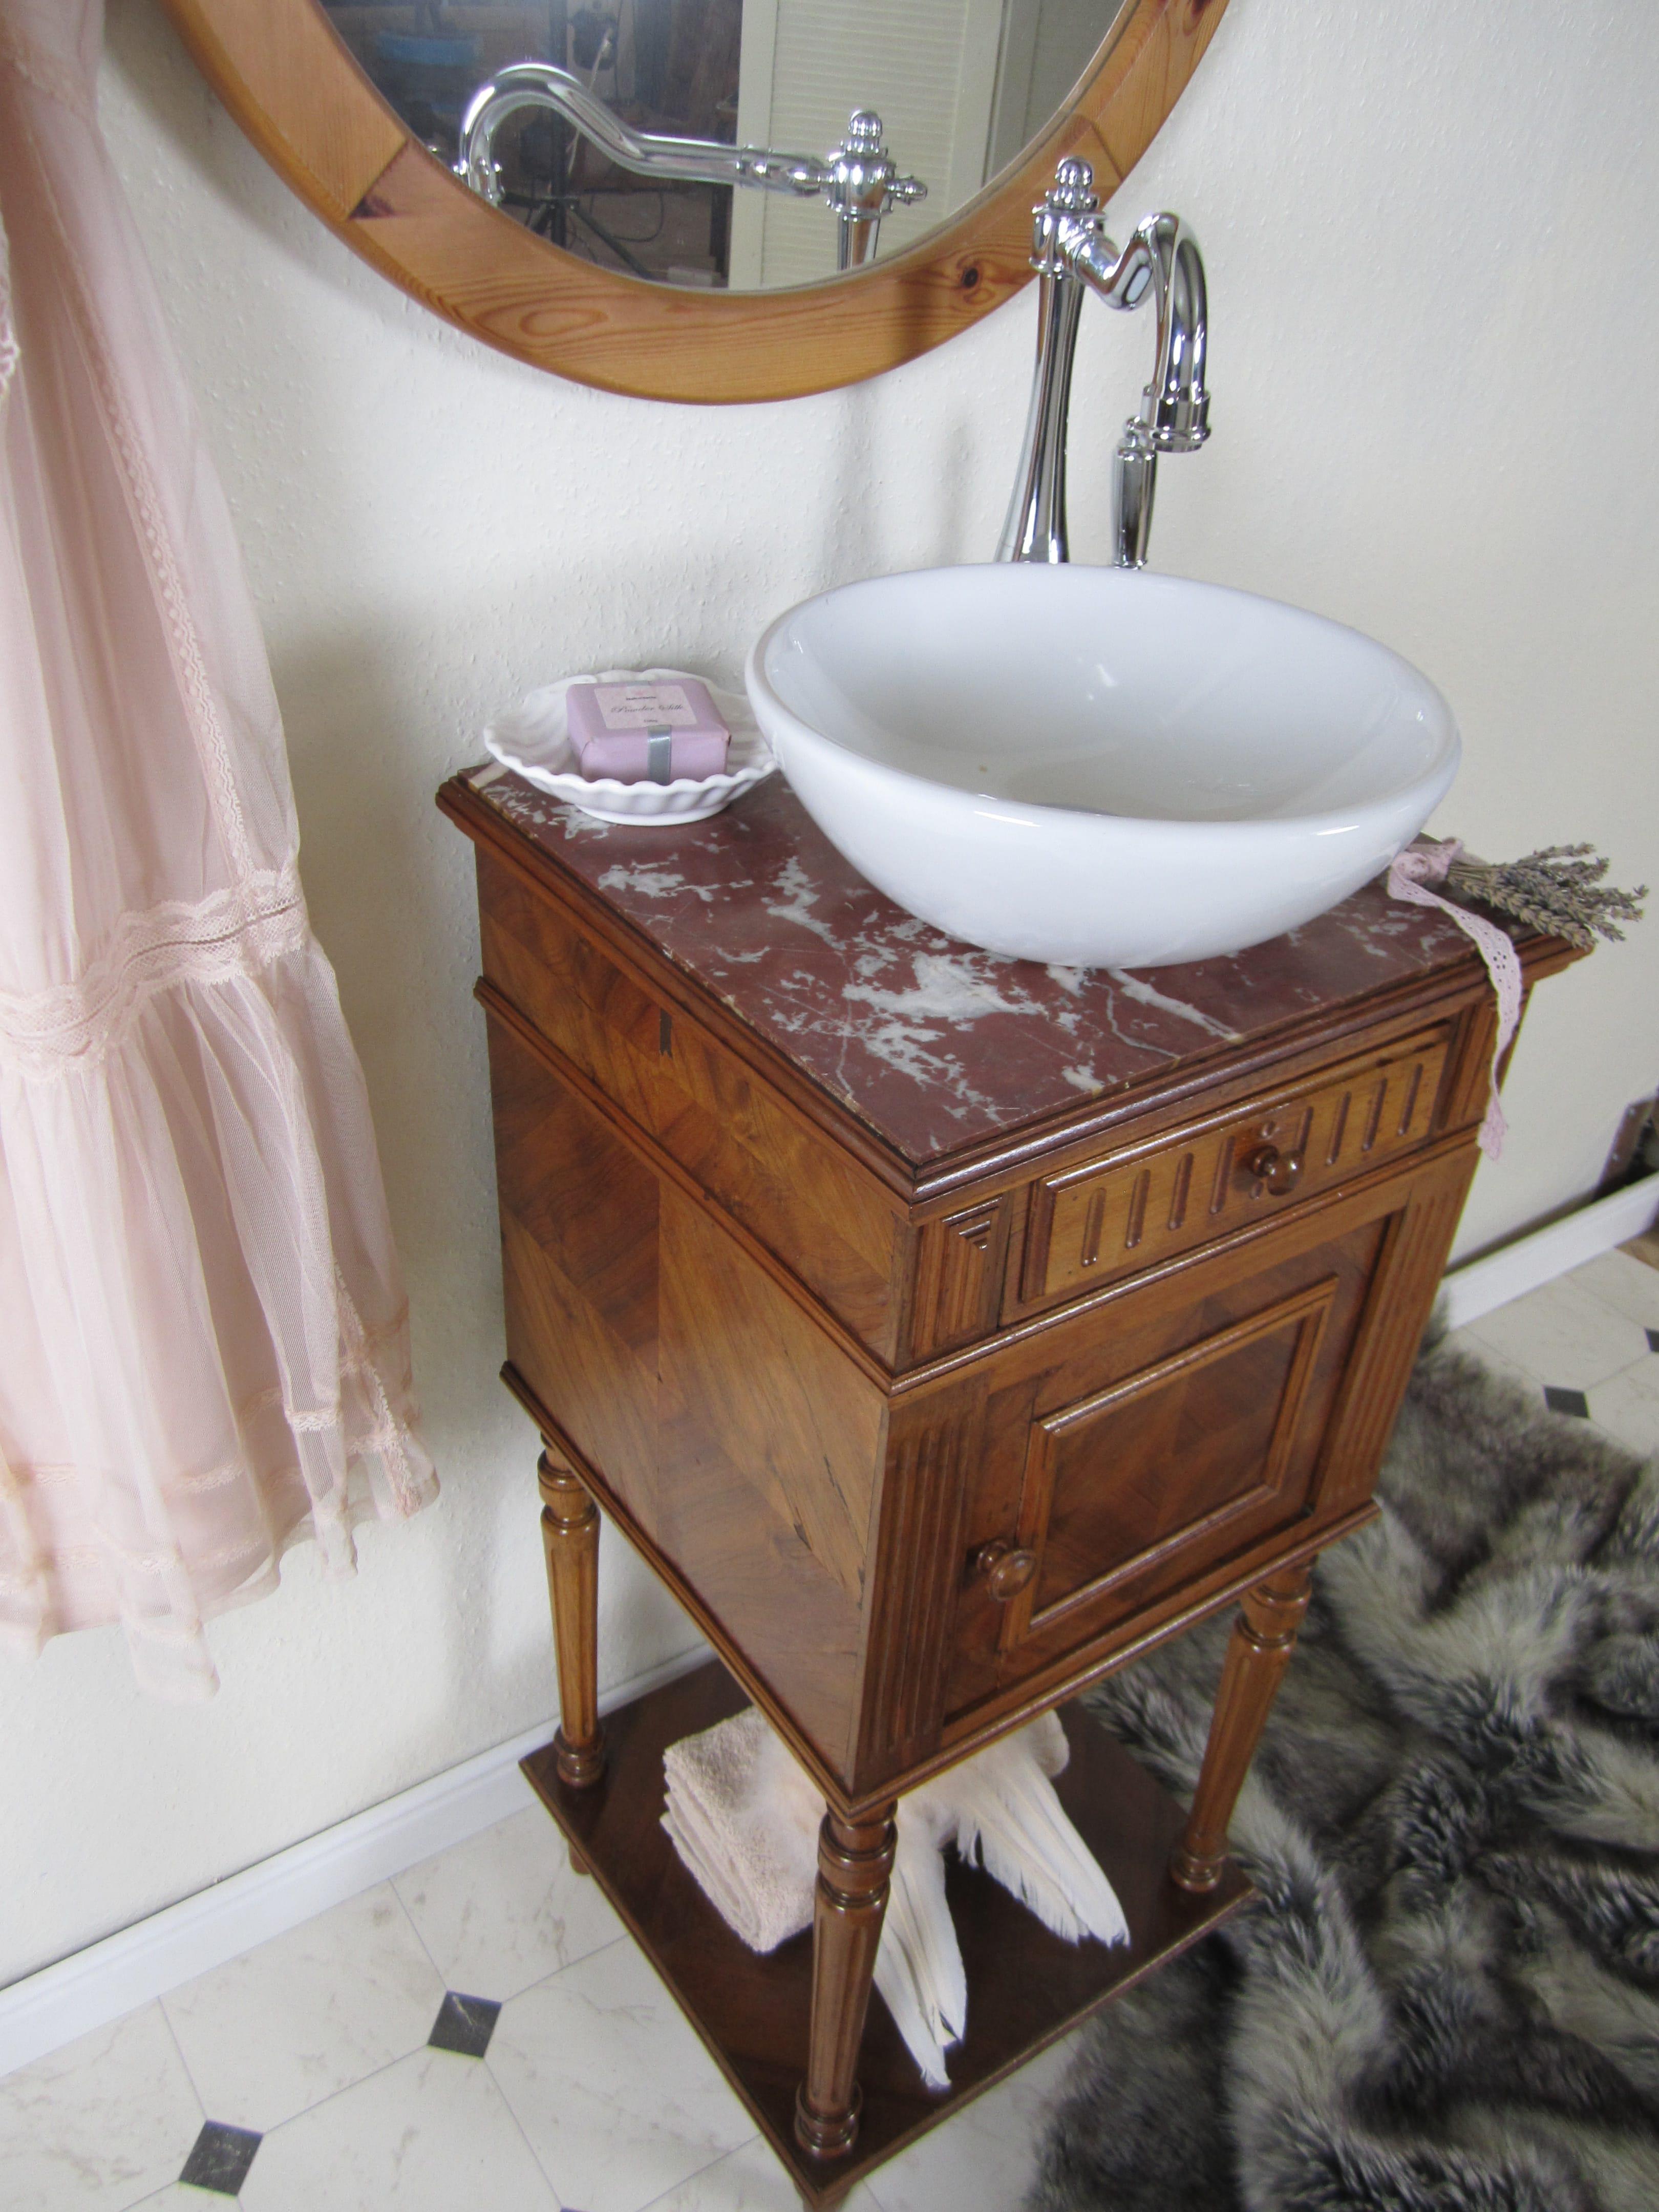 nostalgische waschtische aus der wasserheimat kleiner. Black Bedroom Furniture Sets. Home Design Ideas